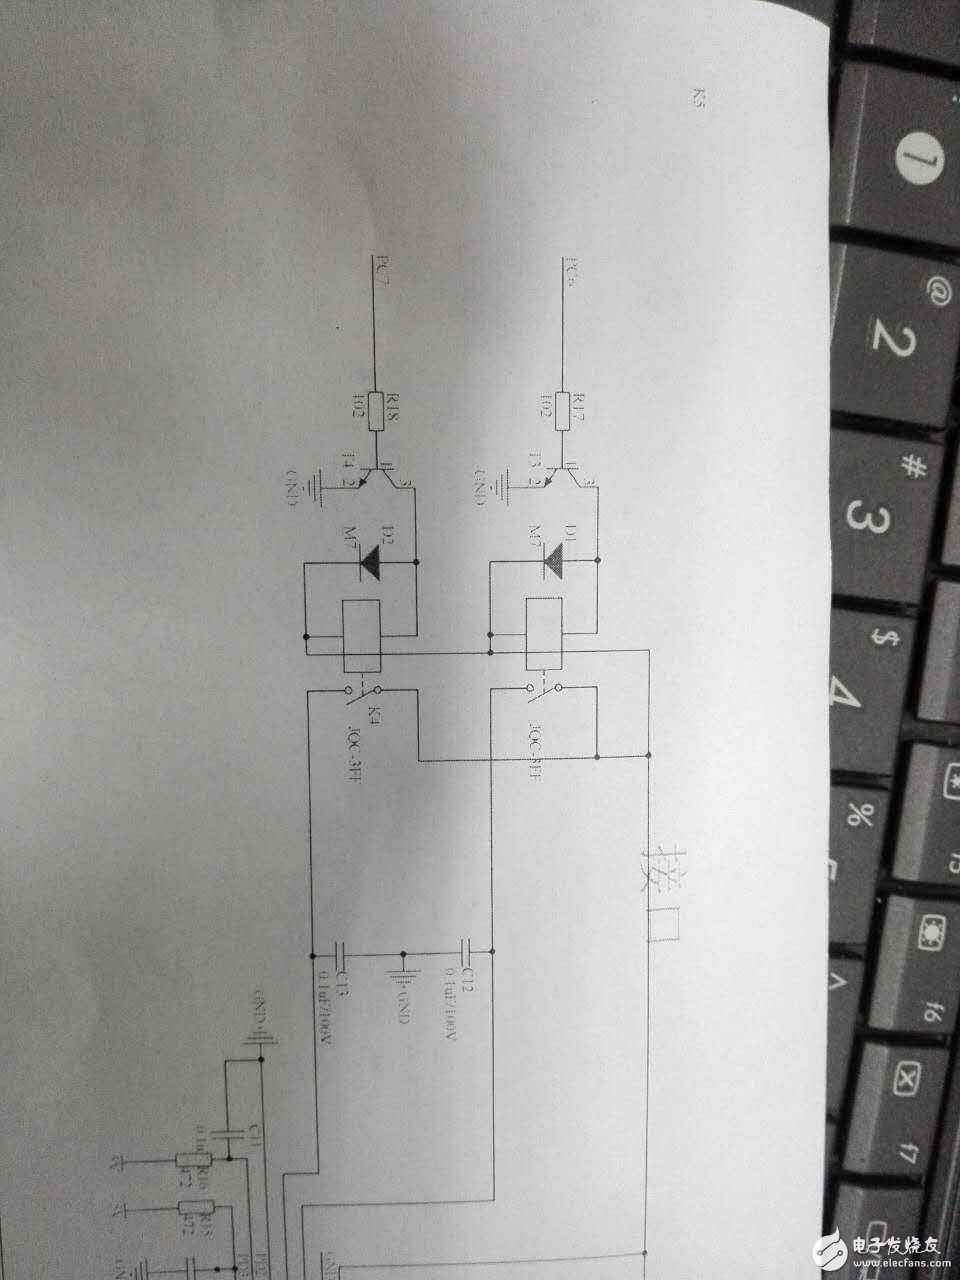 三极管ss8050(y1) 驱动24v继电器,换成mmbt3904(1am)的时候,三极管总